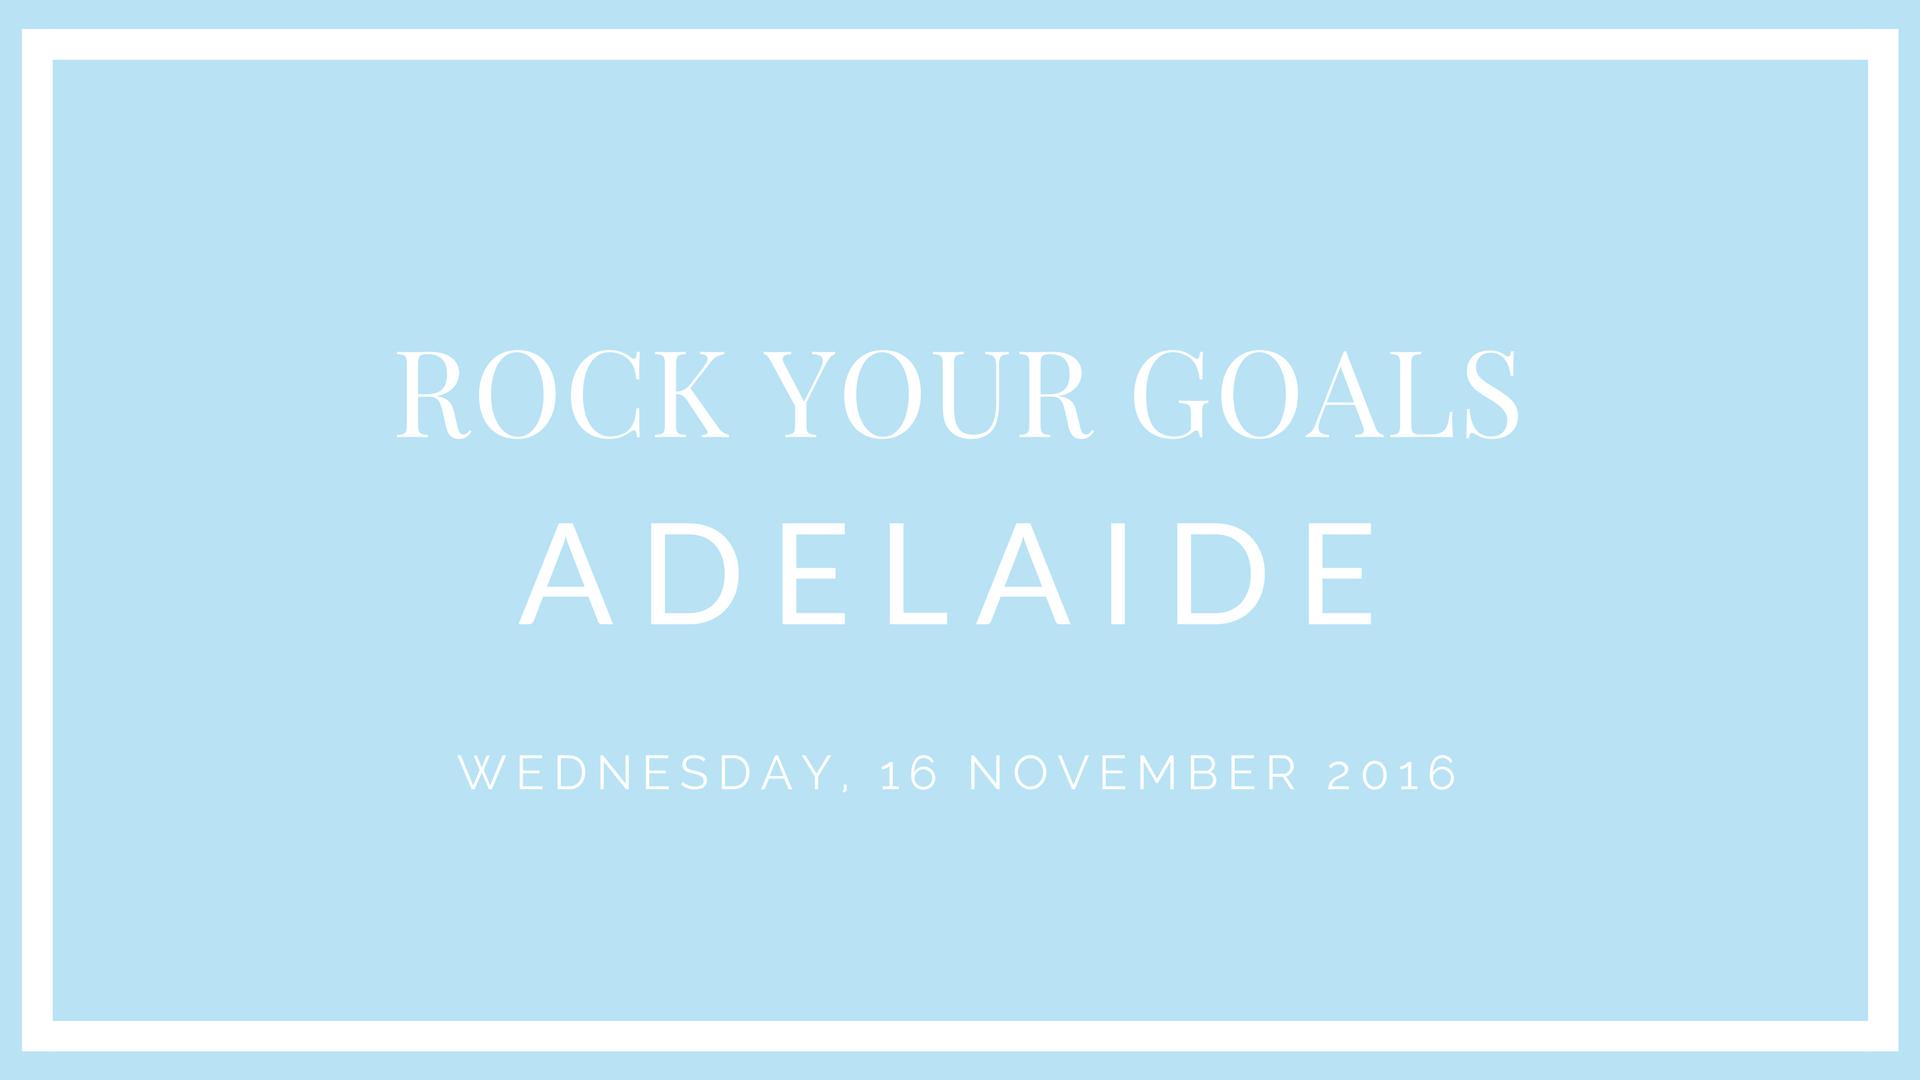 Sarah Jensen - Rock Your Goals Adelaide Workshop - November 2016